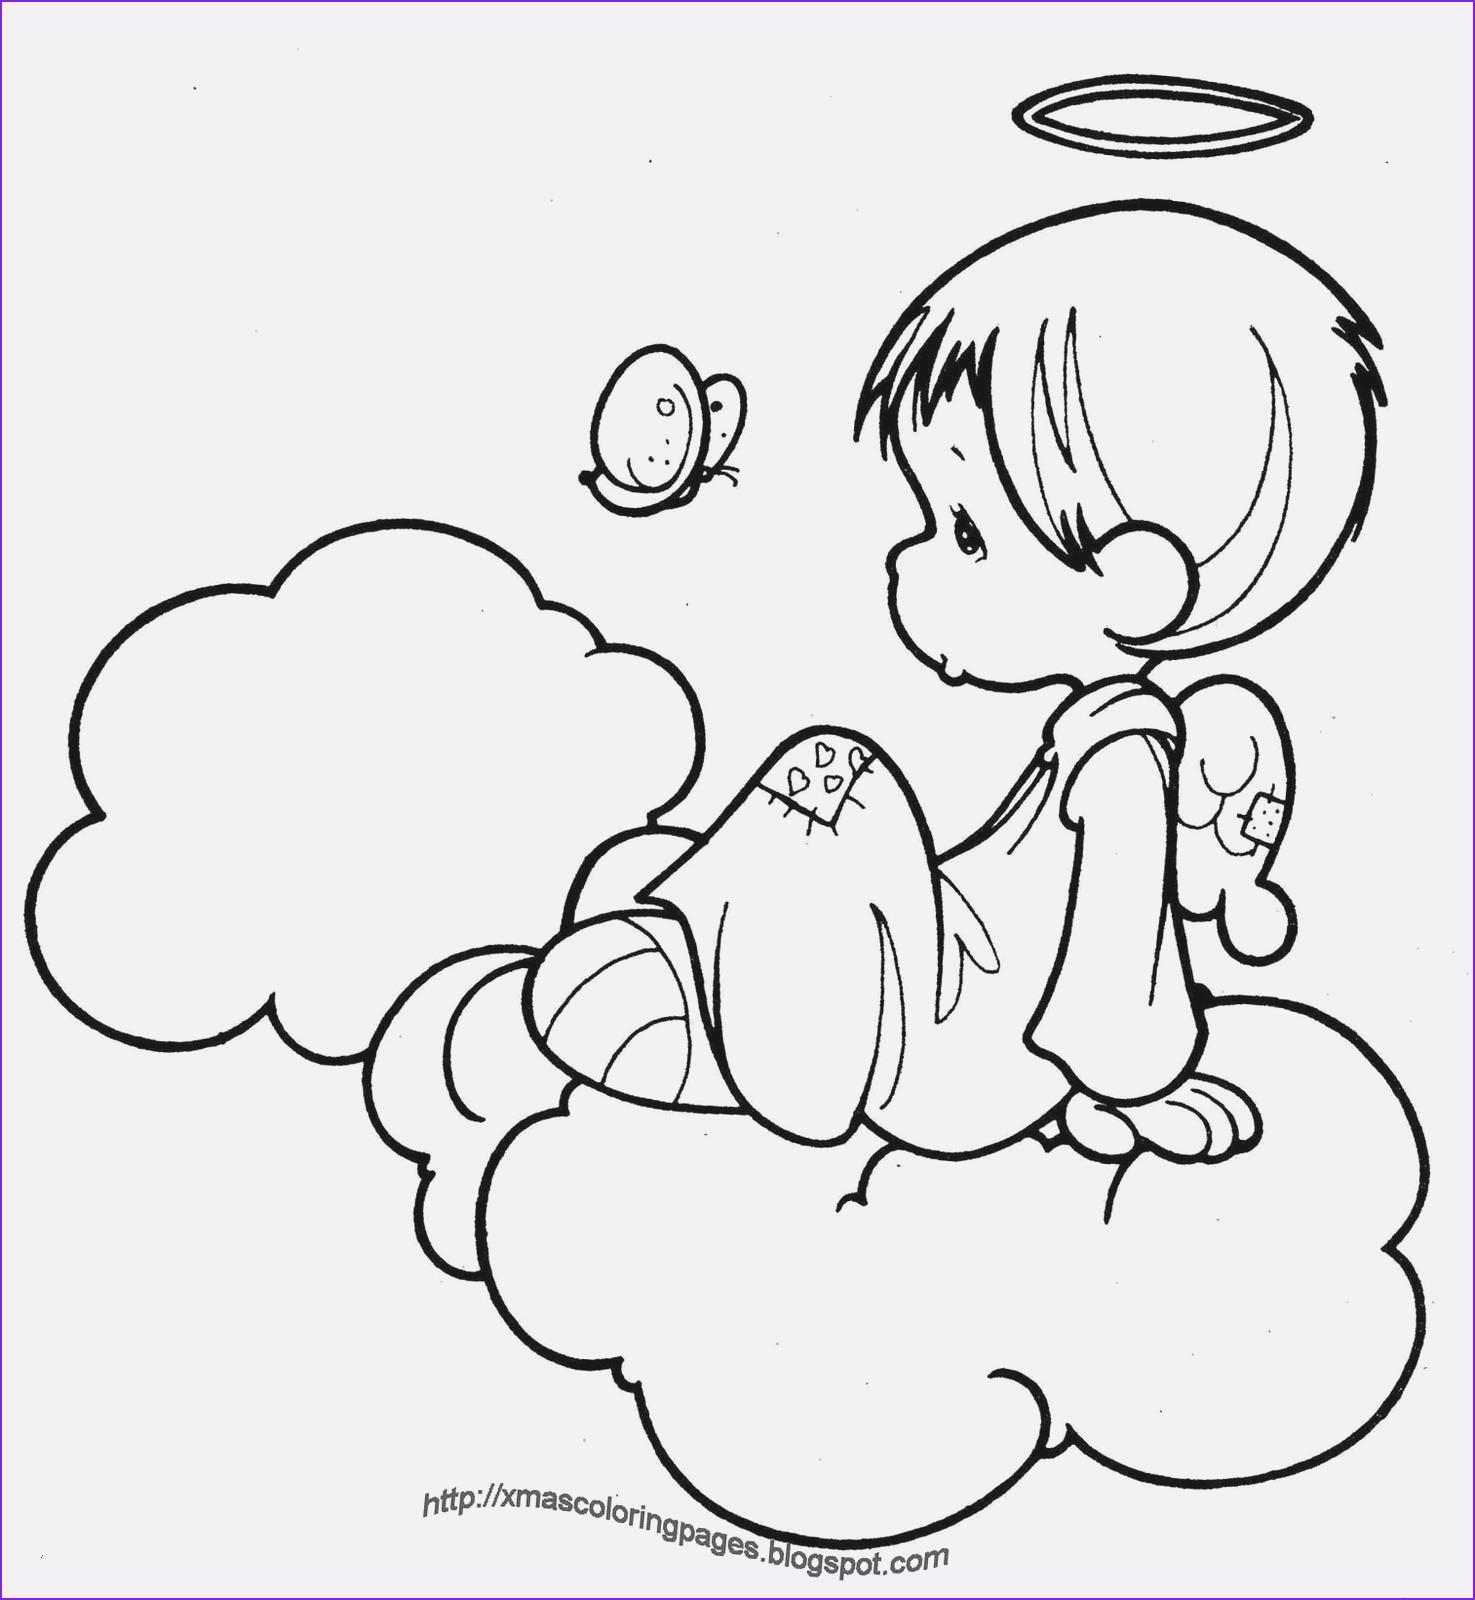 Minnie Mouse Malvorlage Frisch Ausmalbilder Von Violetta Uploadertalk Neu Minnie Maus Baby Bilder